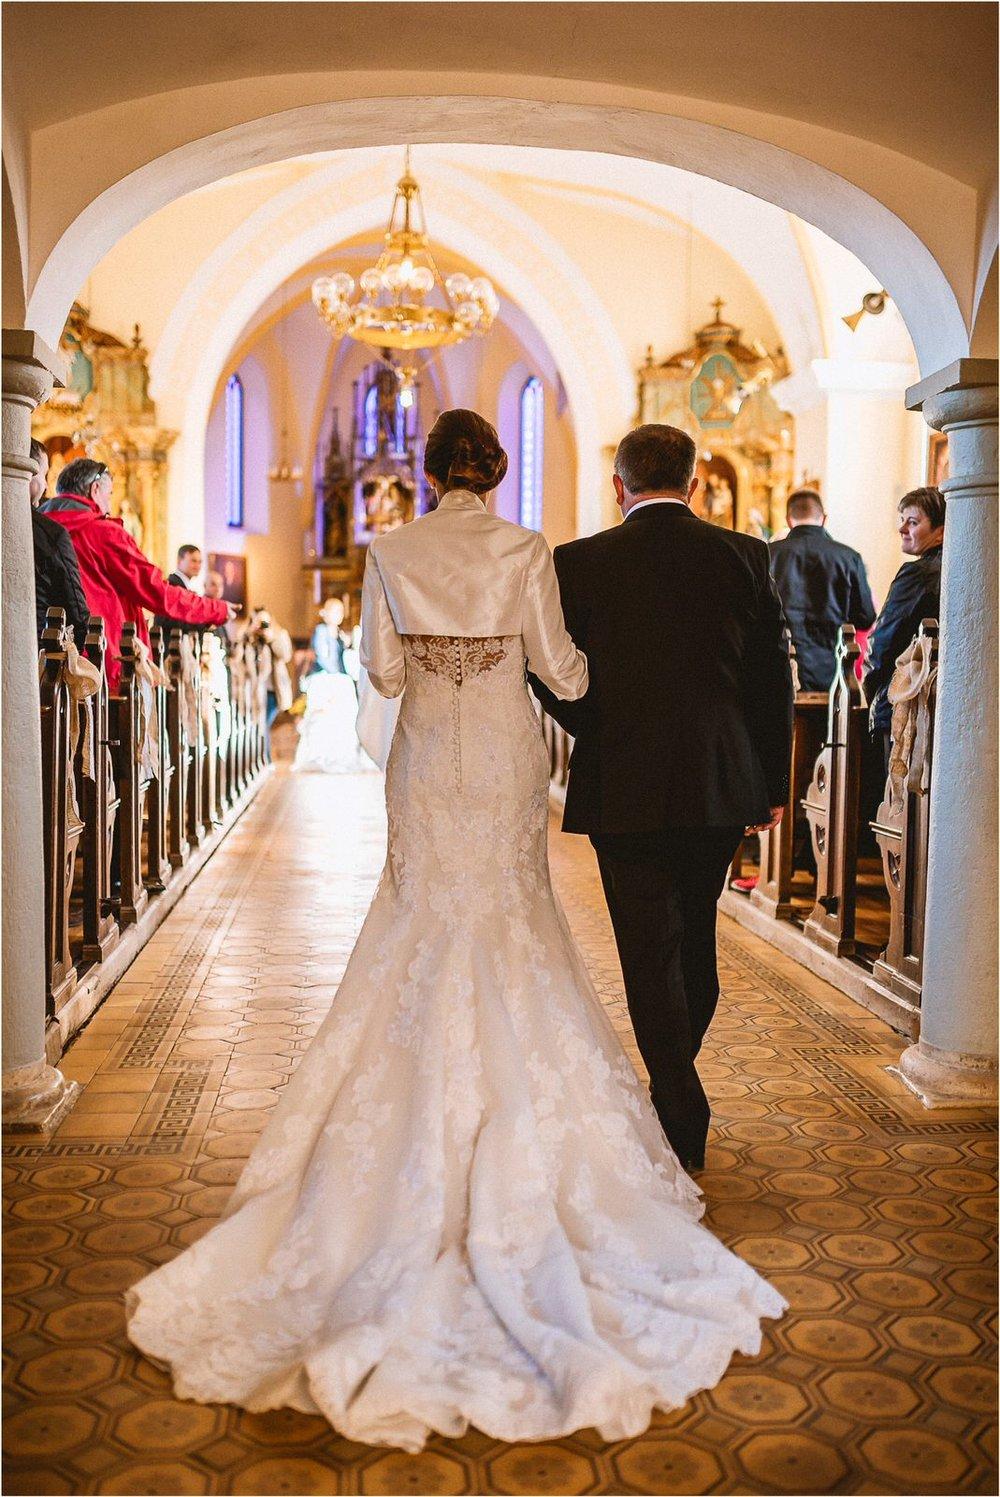 05 slovenija bled poroka ljubljana maribor brdo pri kranji nika grega porocni fotograf fotografiranje narava zaroka zaobljuba 007.jpg